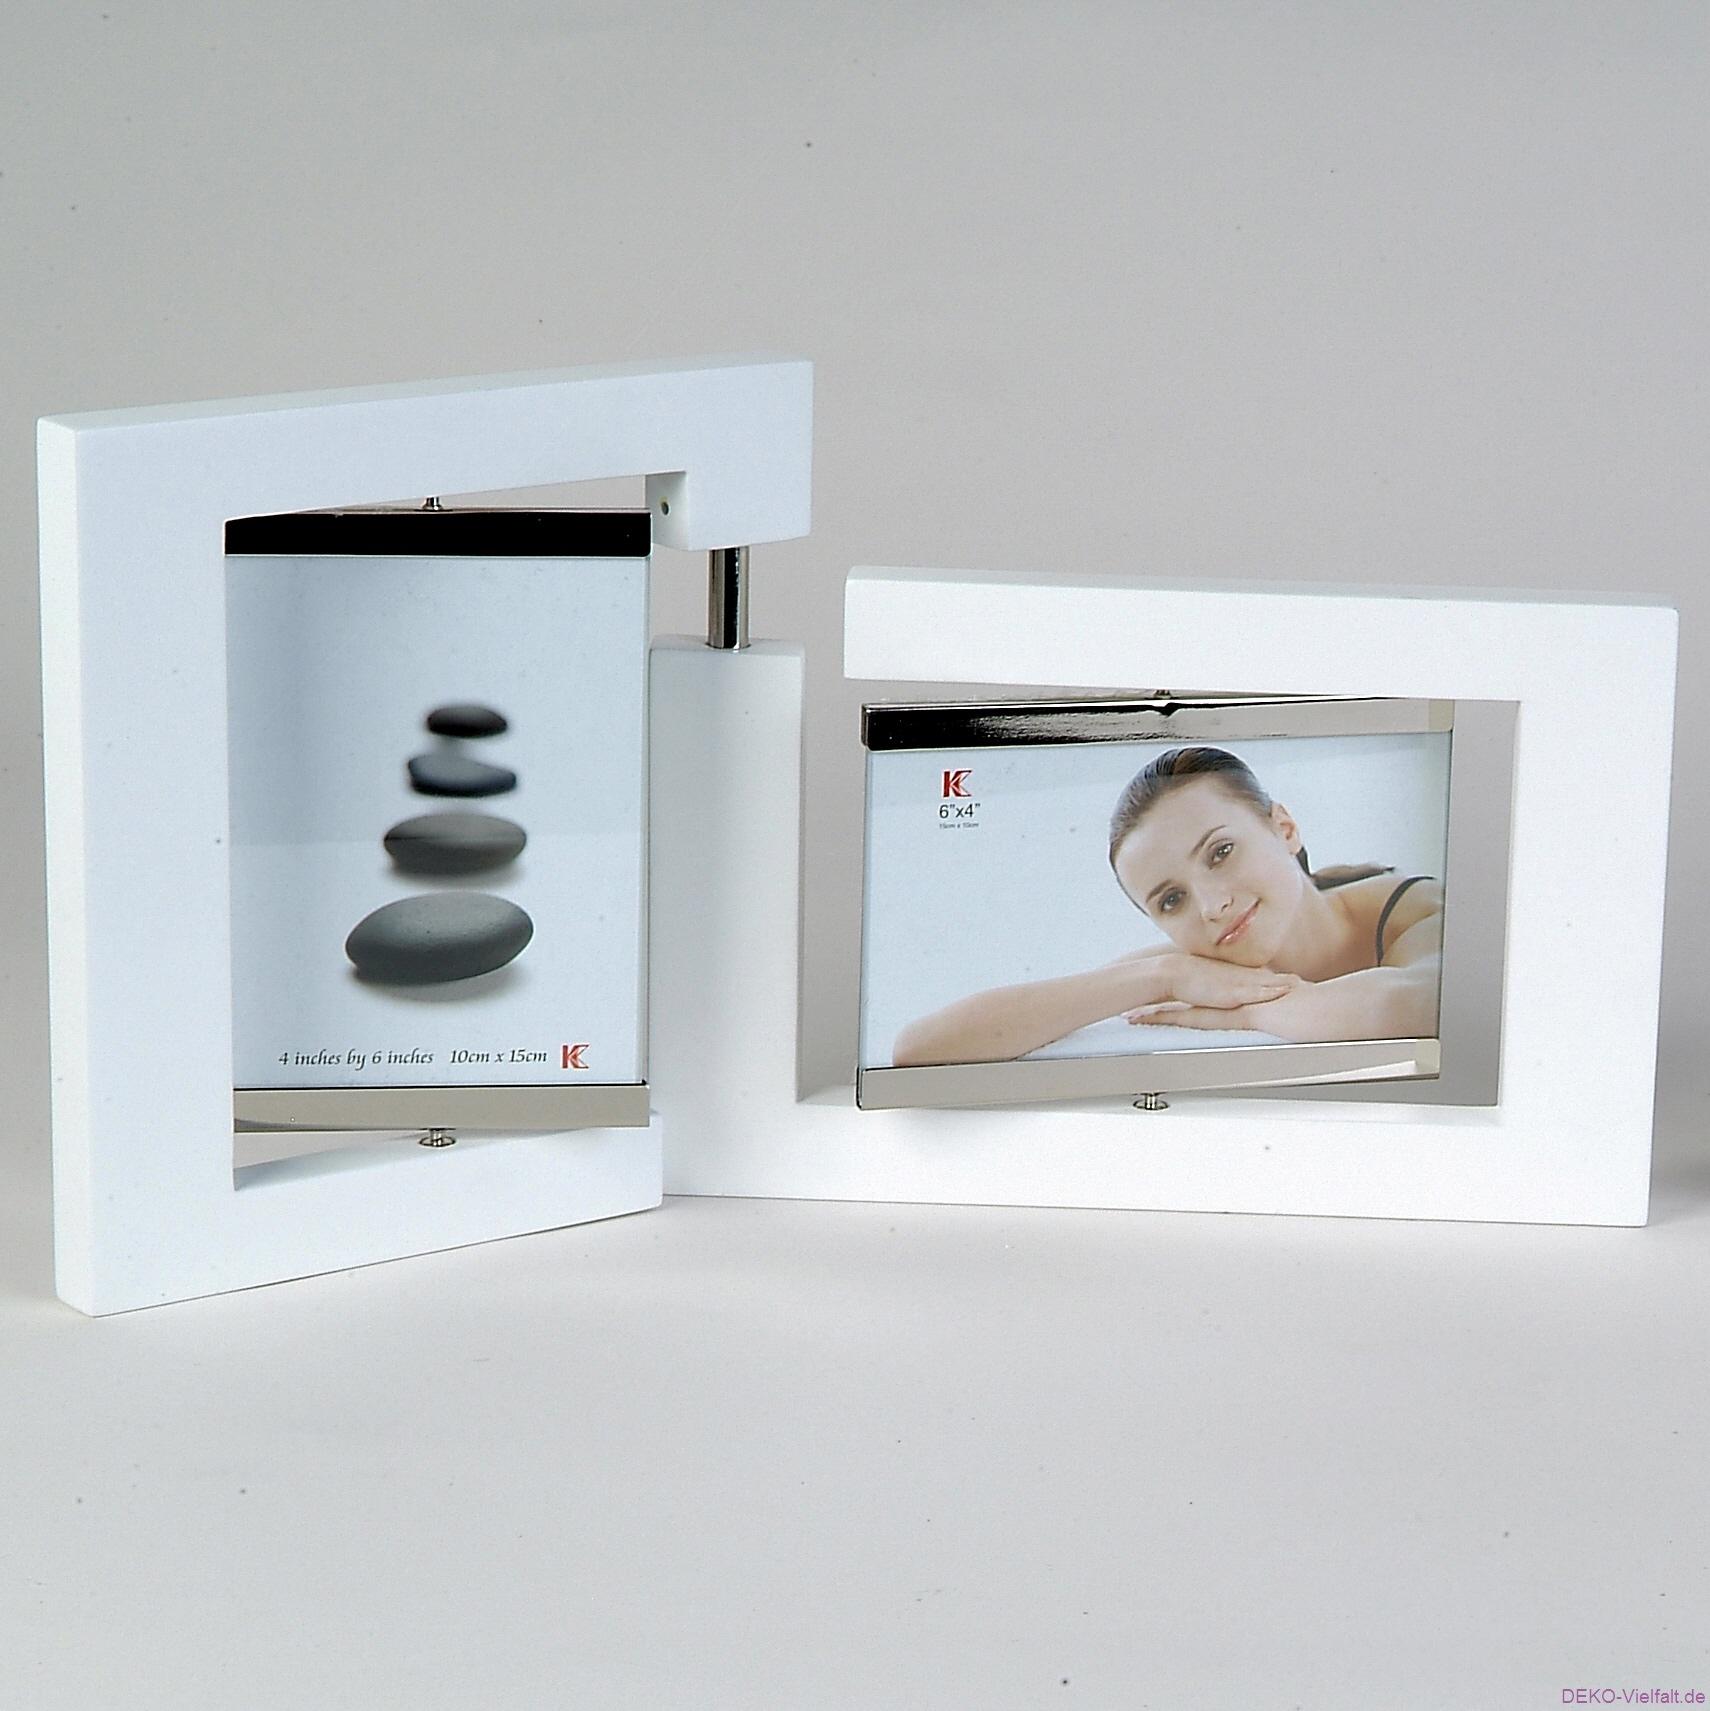 Berühmt Mehrere Bilderrahmen 8x10 Fotos - Benutzerdefinierte ...